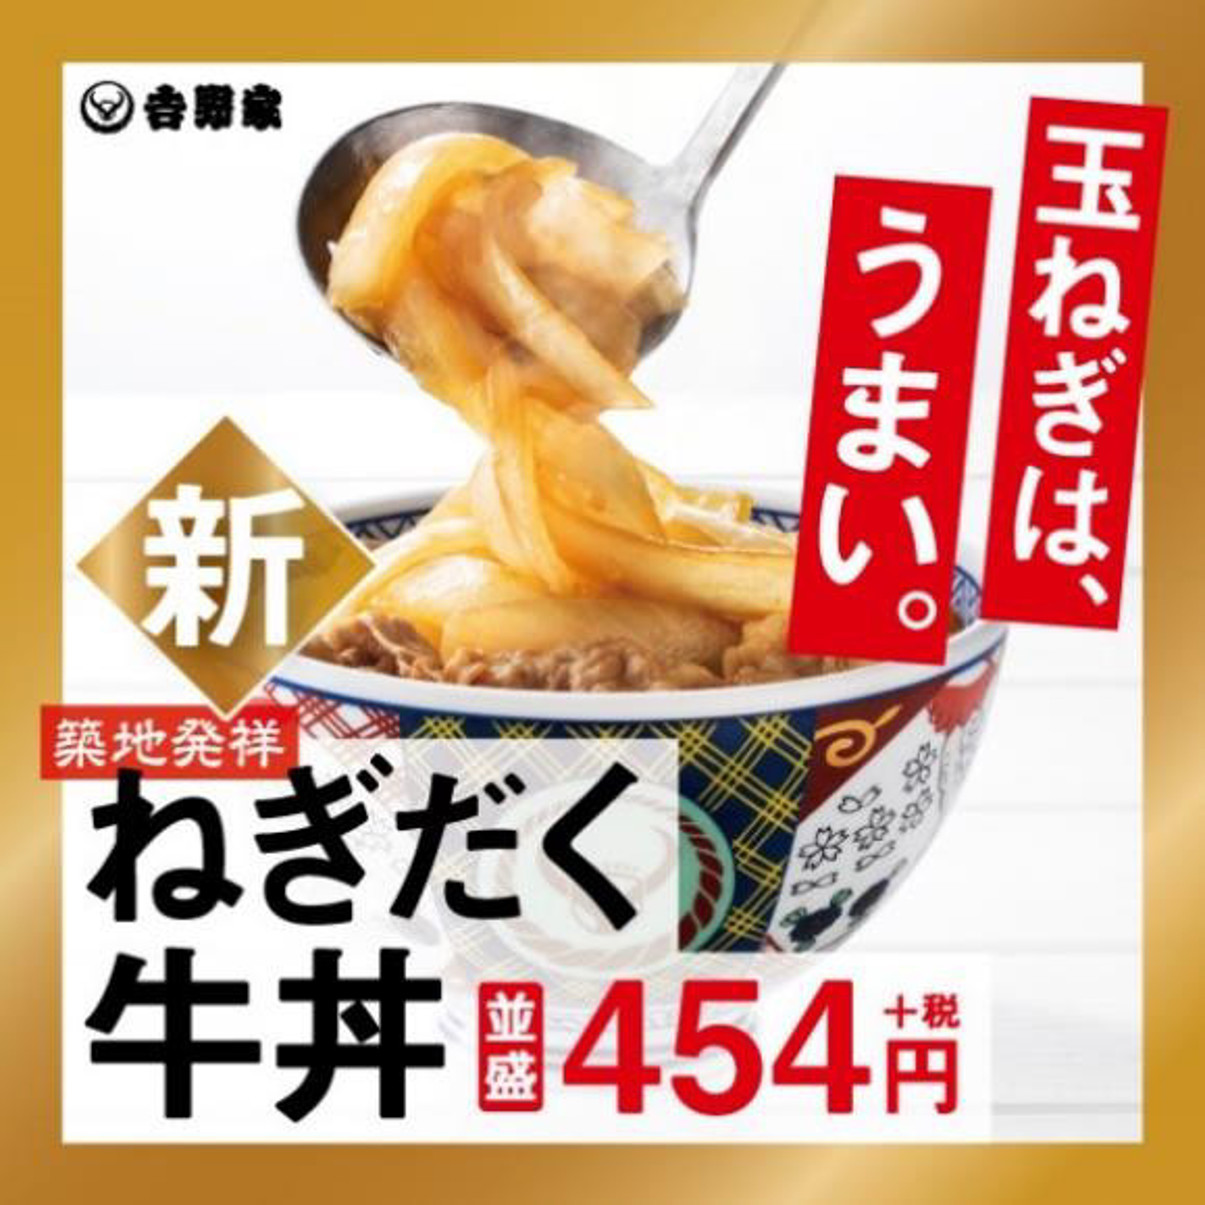 吉野家_ねぎだく牛丼2020_メイン_1205_20200108